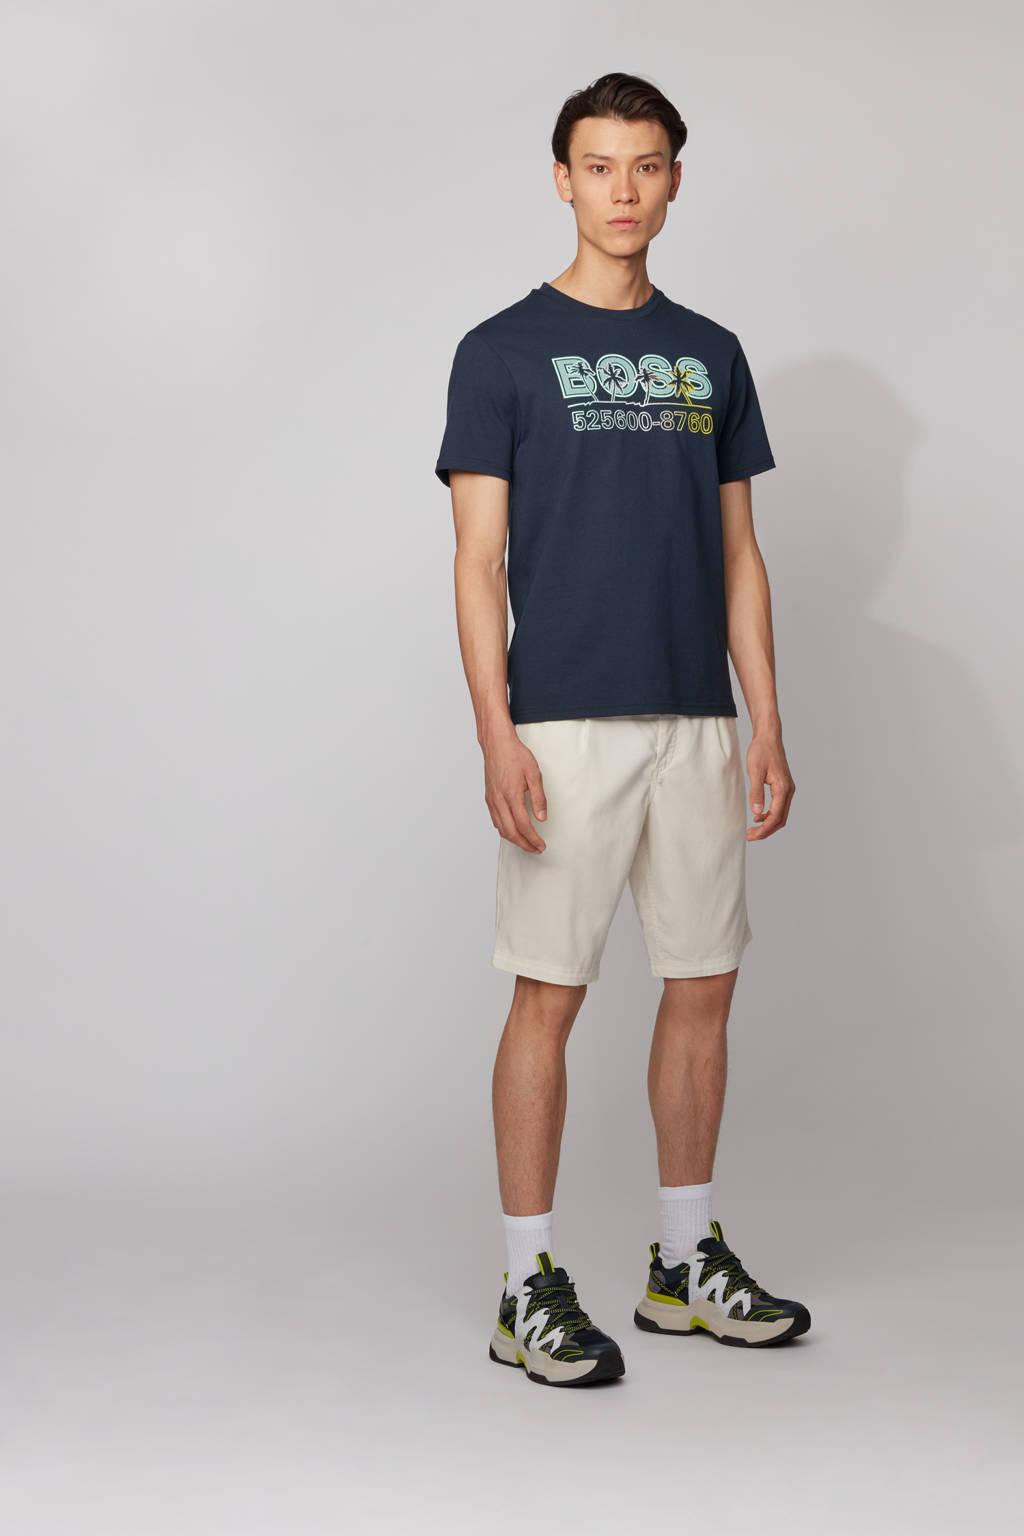 BOSS Casual T-shirt met printopdruk donkerblauw/blauw, Donkerblauw/blauw